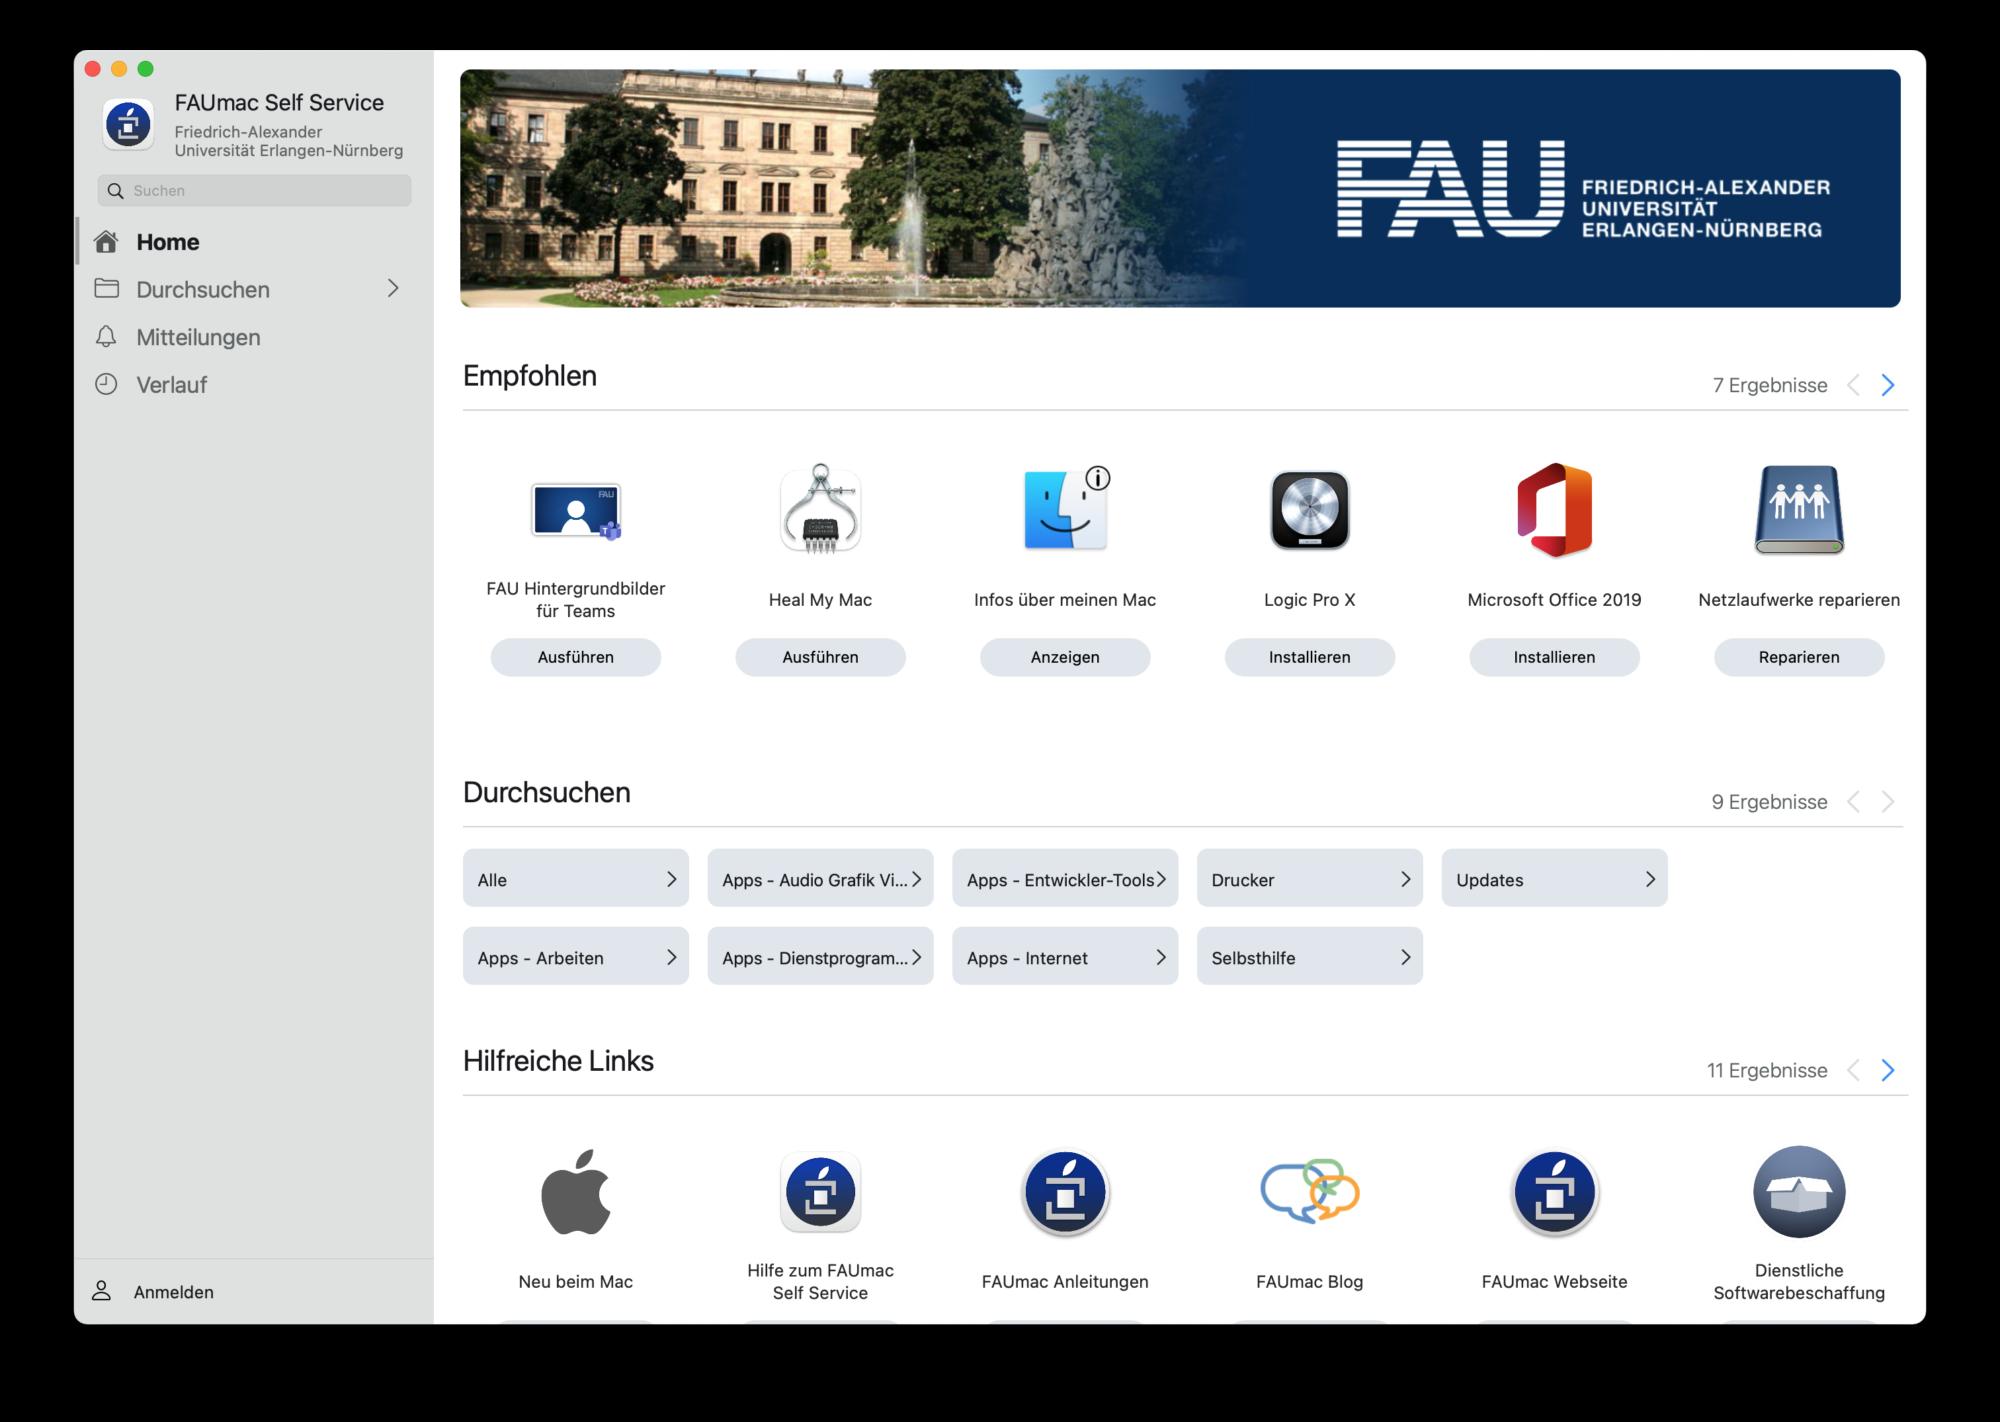 Das Bild zeigt die Hauptseite des FAUmac Self Service.